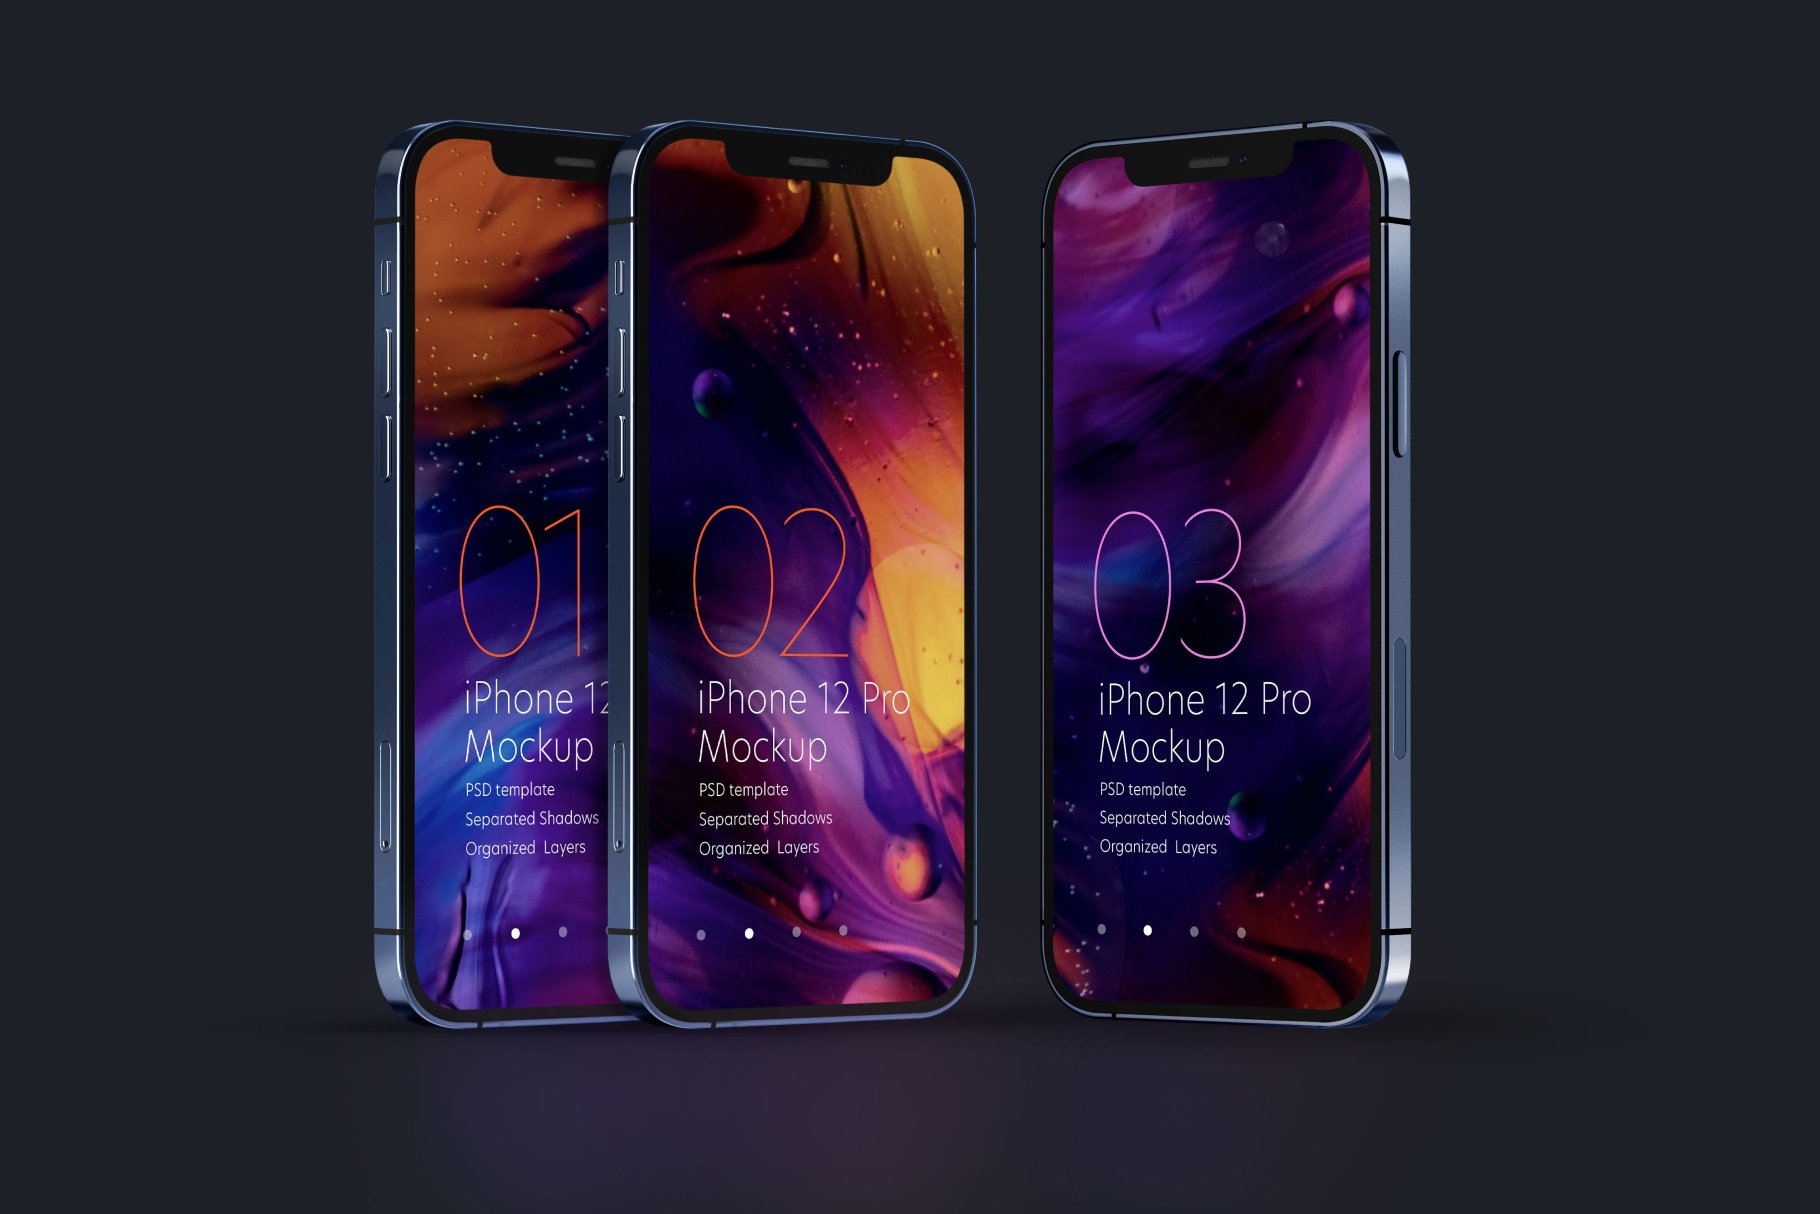 好看的深色背景iPhone 12 Pro手机样机套件designshidai_yj523